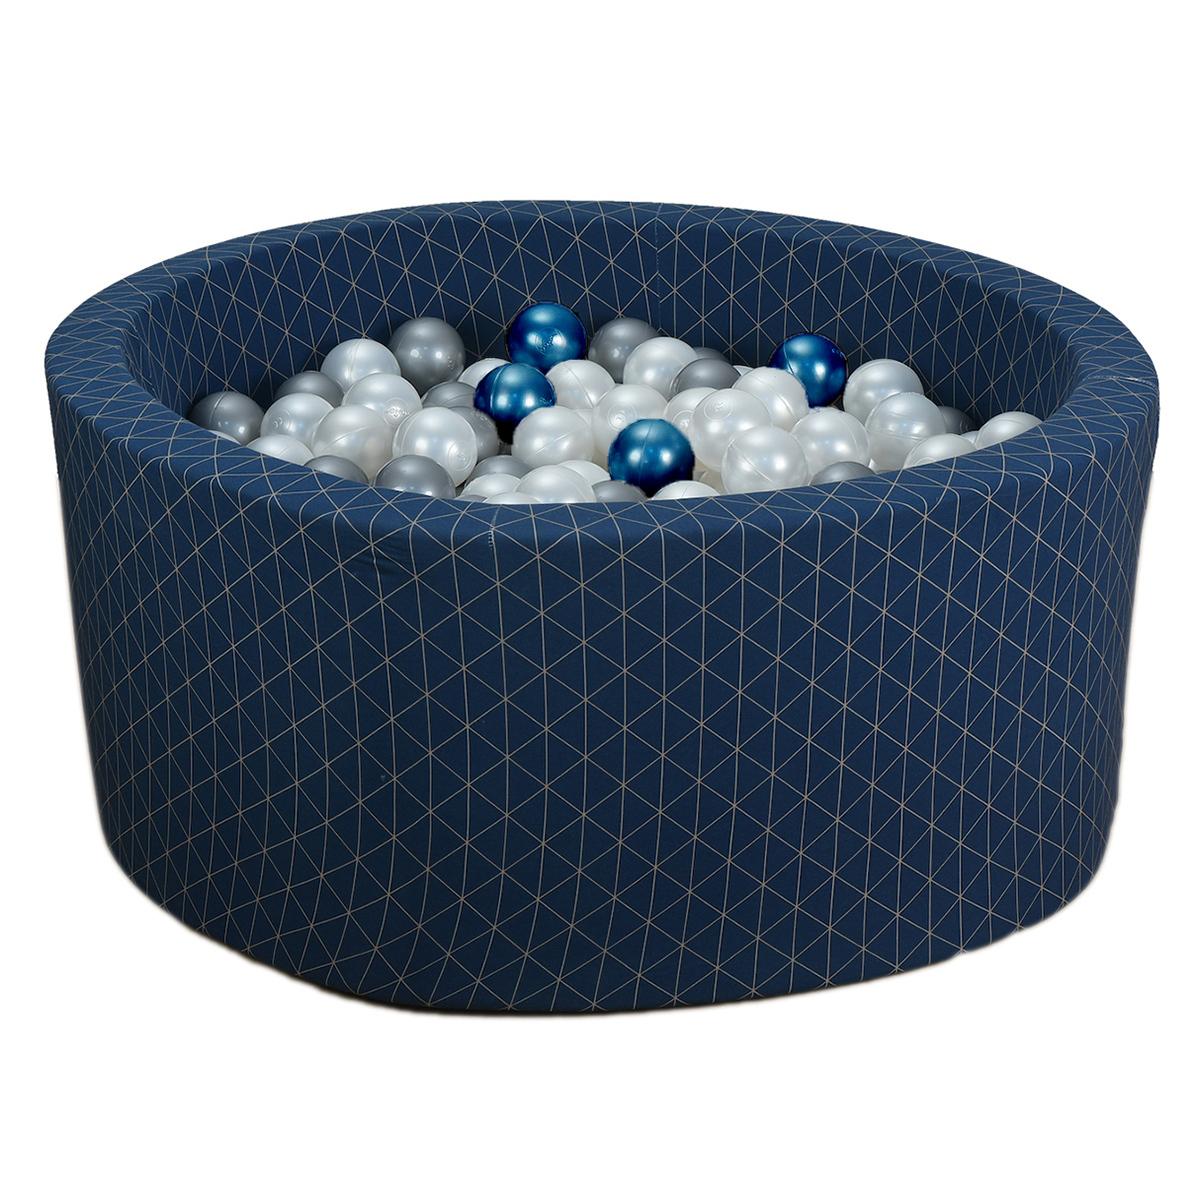 Mes premiers jouets Piscine à Balles Ronde Graphic Chic & Midnight Blue 90 x 40 cm + 200 Balles Piscine à Balles Ronde Graphic Chic & Midnight Blue 90 x 40 cm + 200 Balles